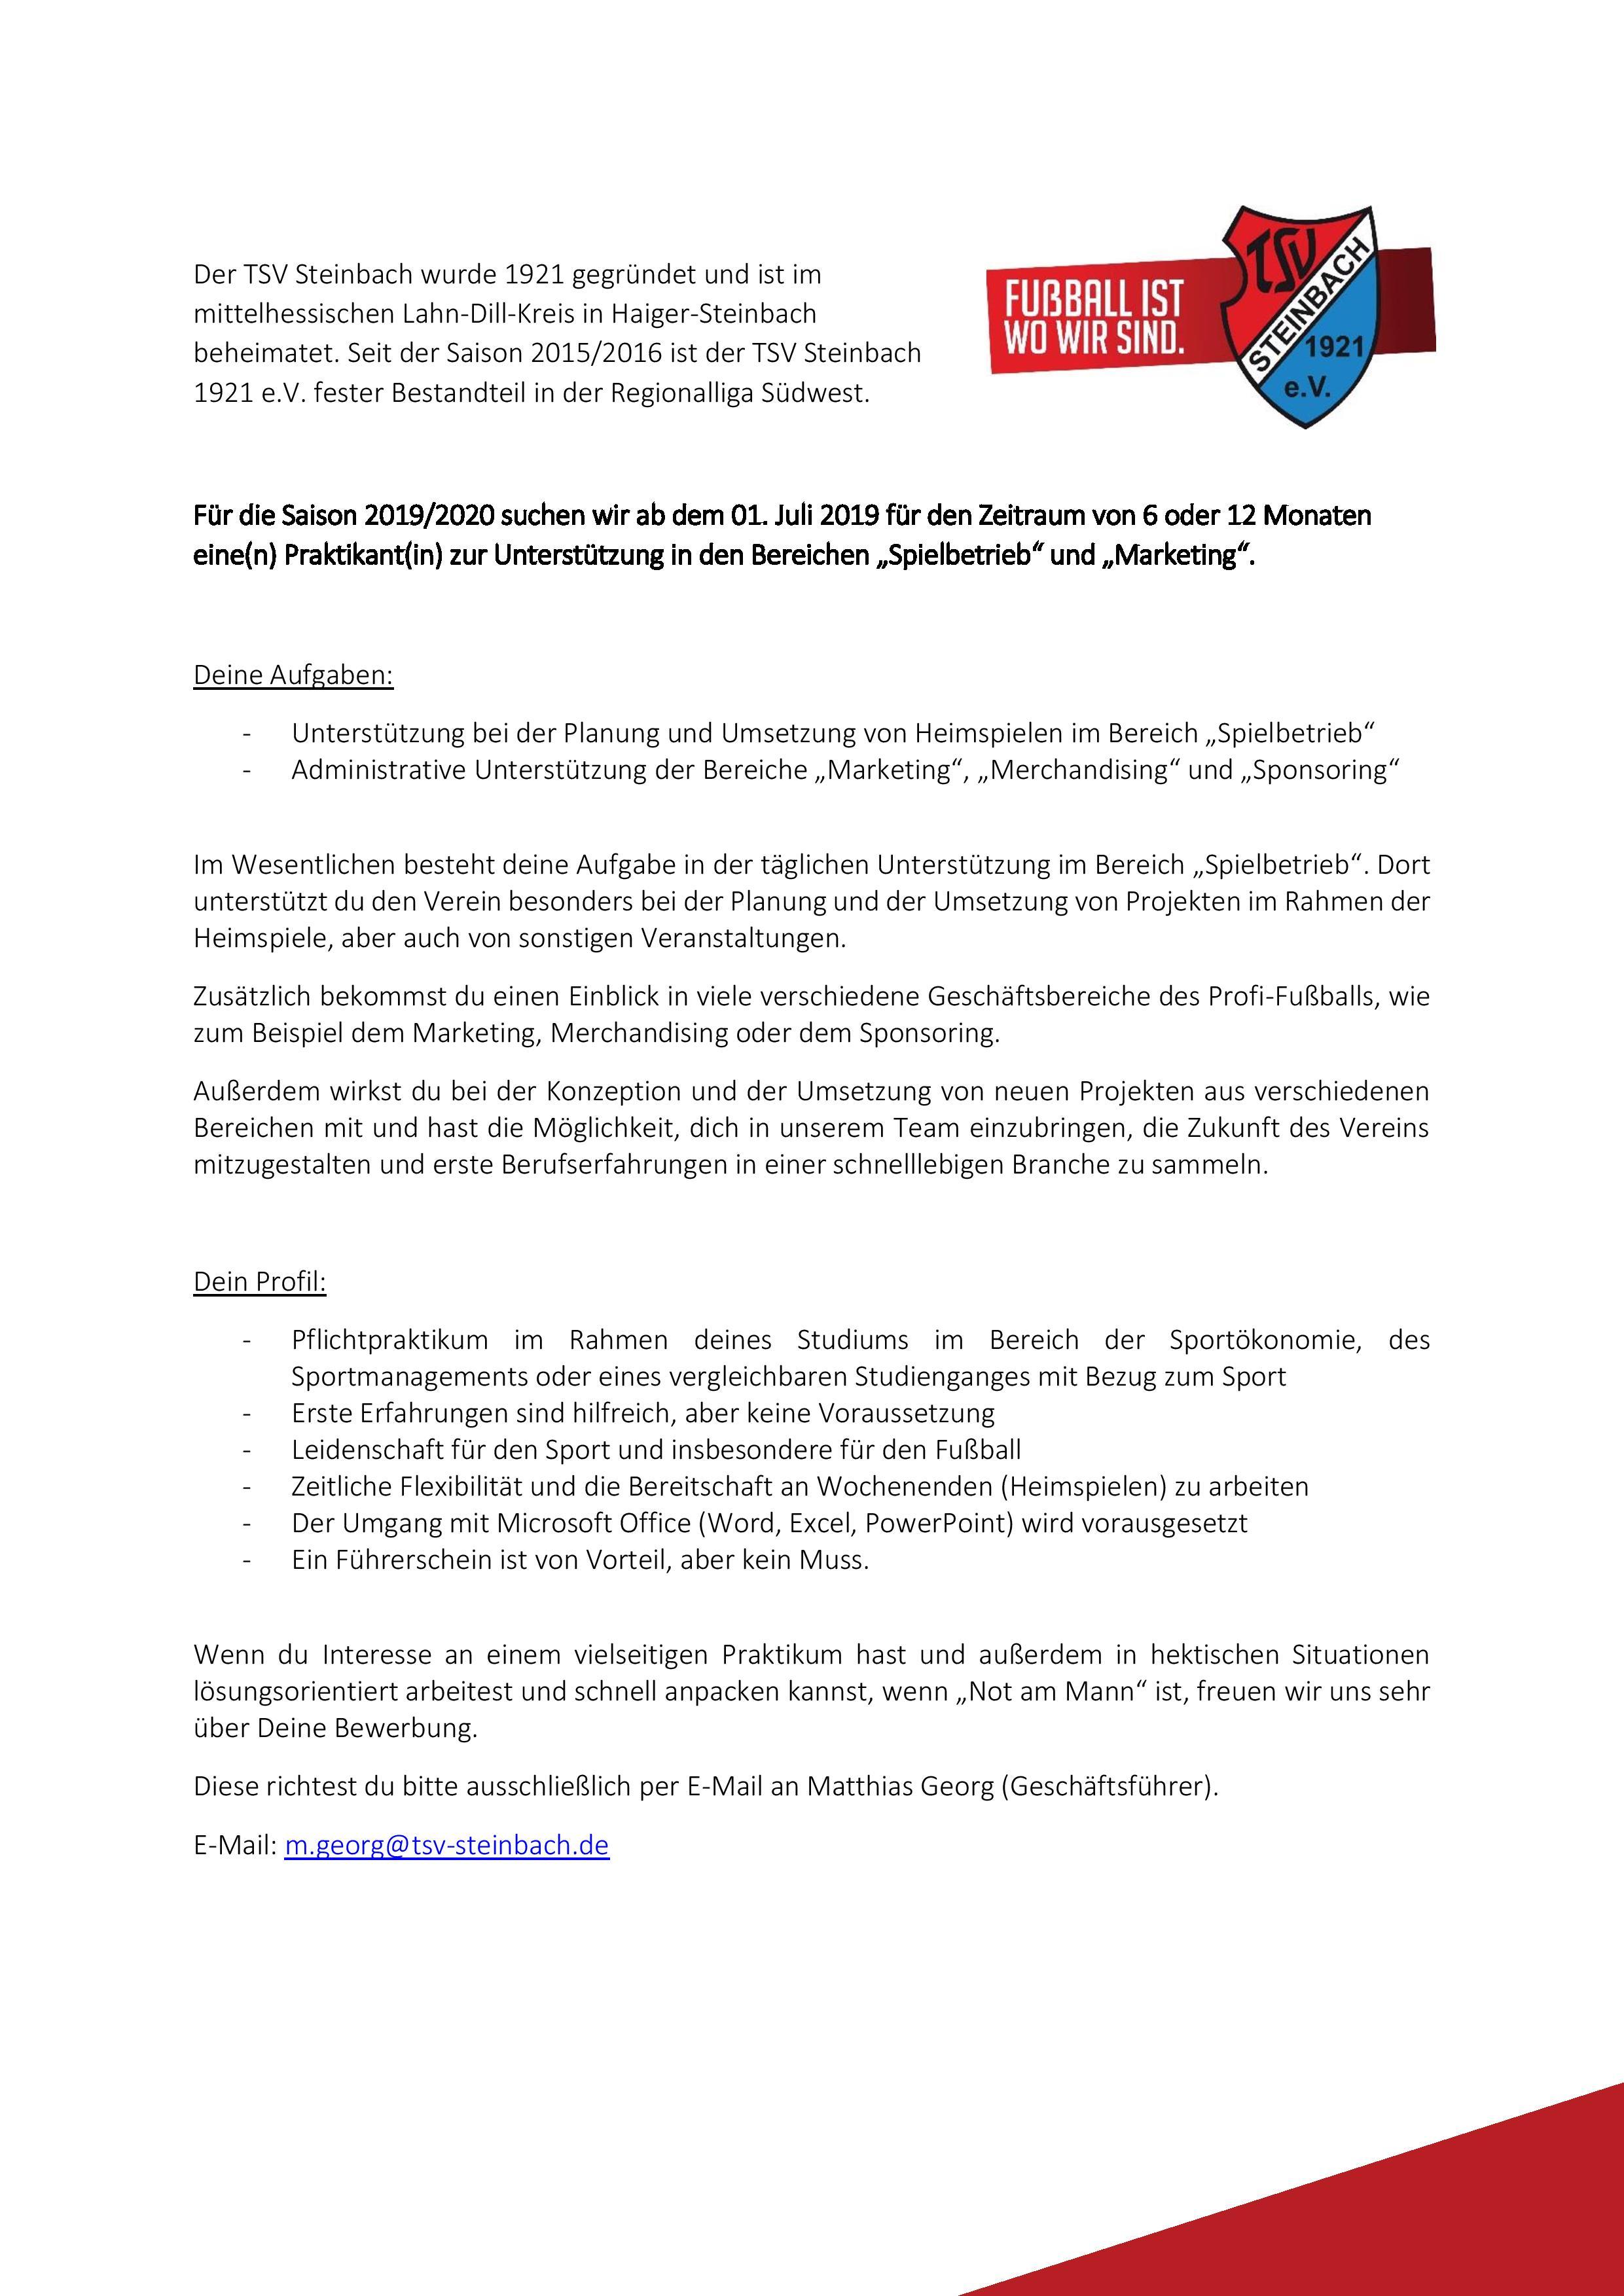 Stellenanzeige Praktikum TSV Steinbach Haiger